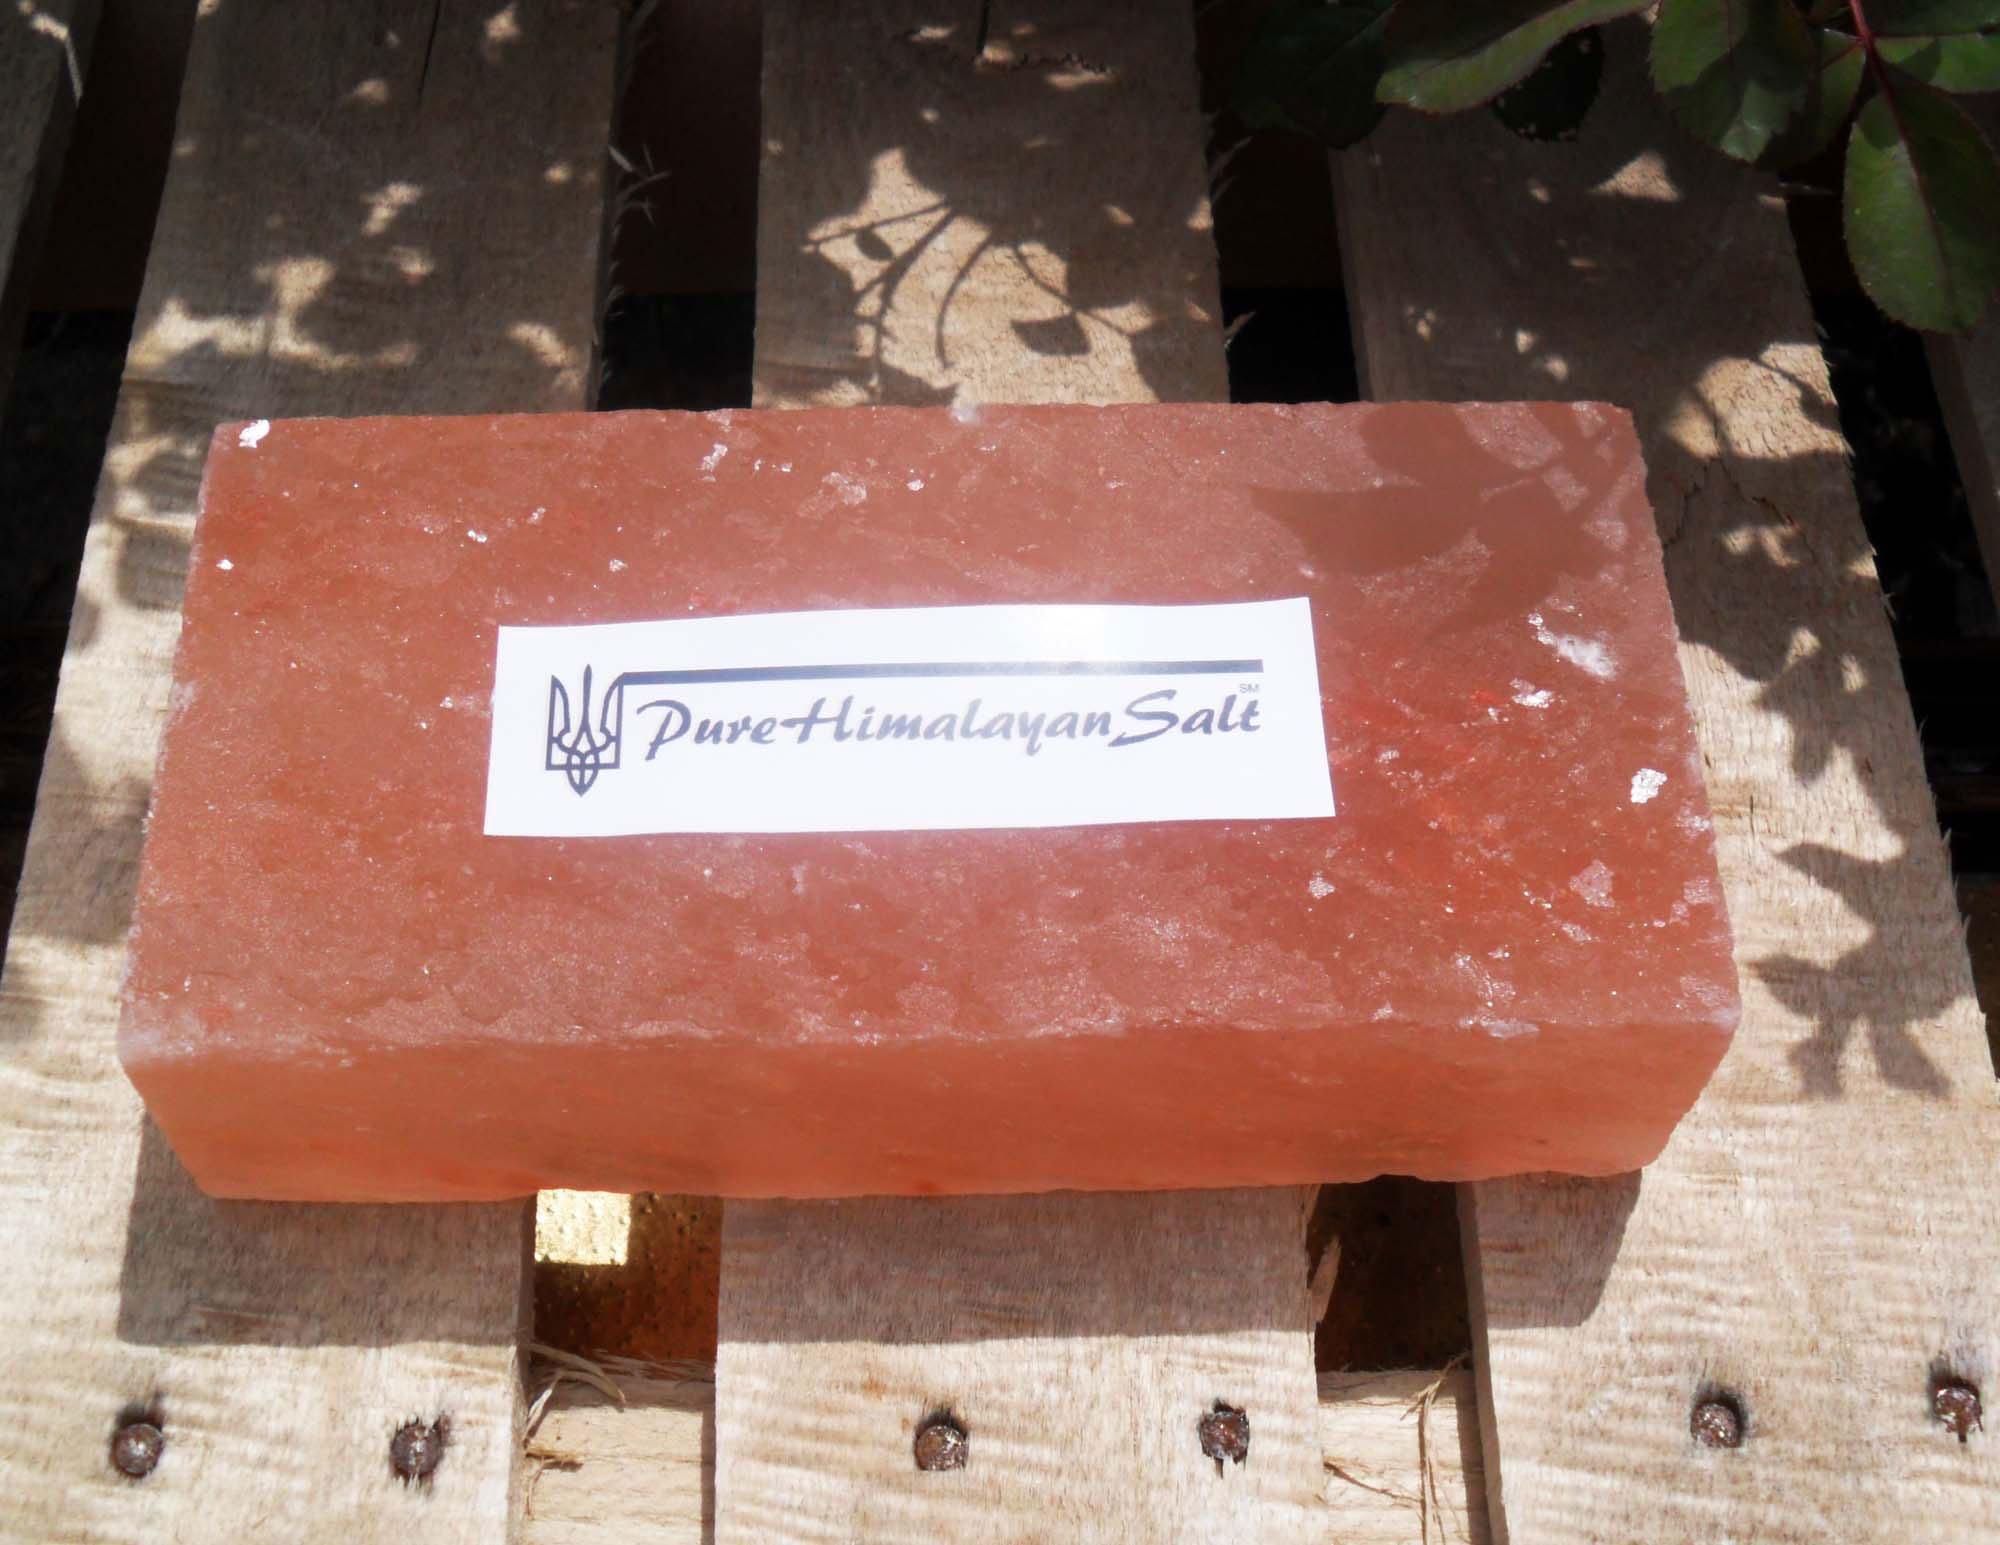 Natural Himalayan Salt Tile / Brick / Slab Pink 8x4x2-Inch